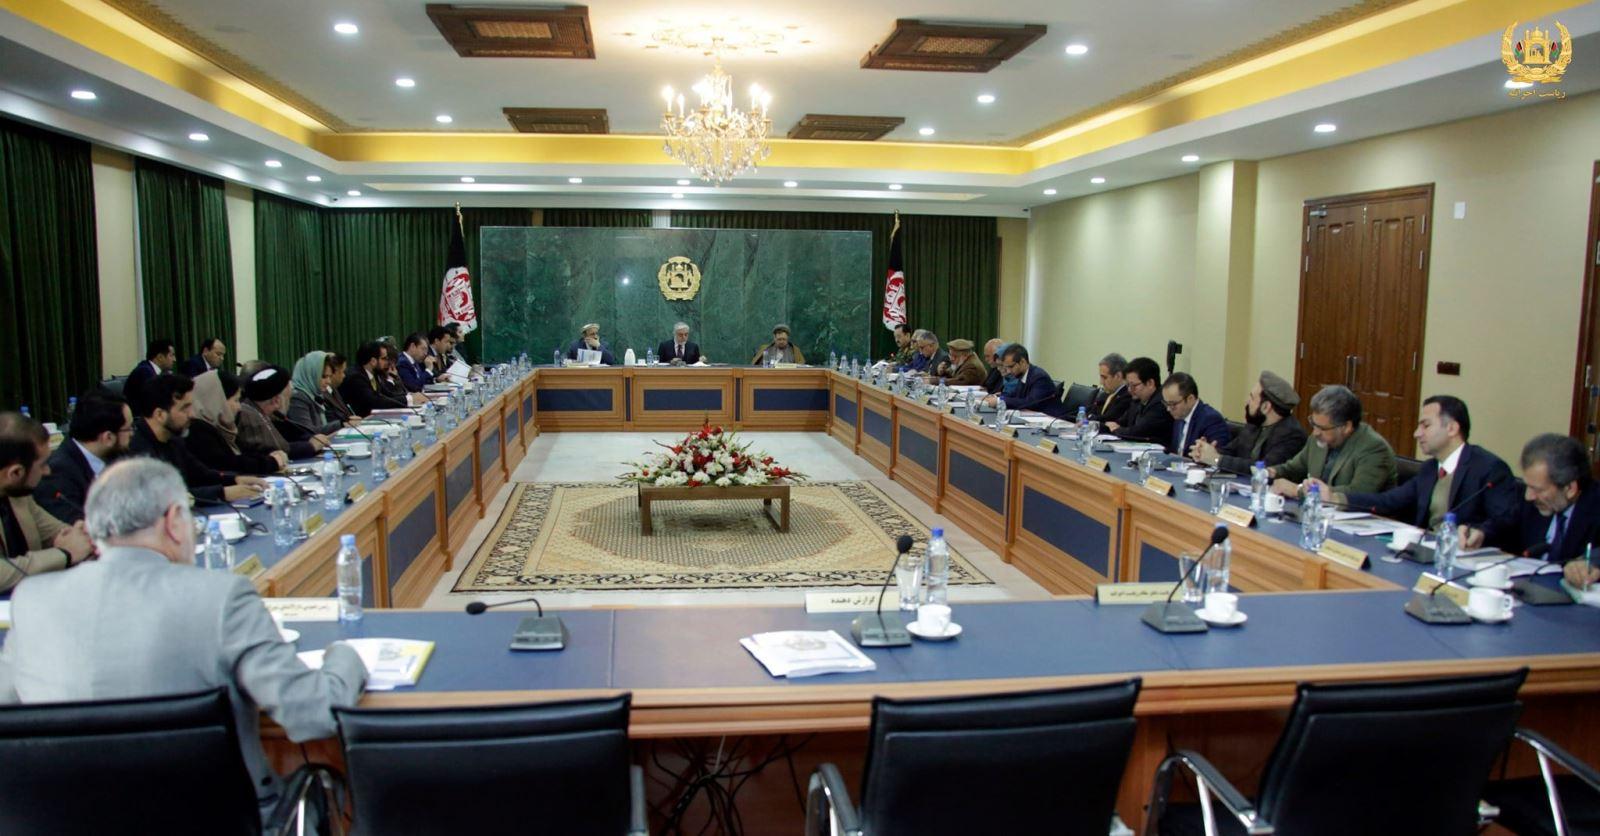 گزارش جلسۀ شورای وزیران جمهوری اسلامی افغانستان